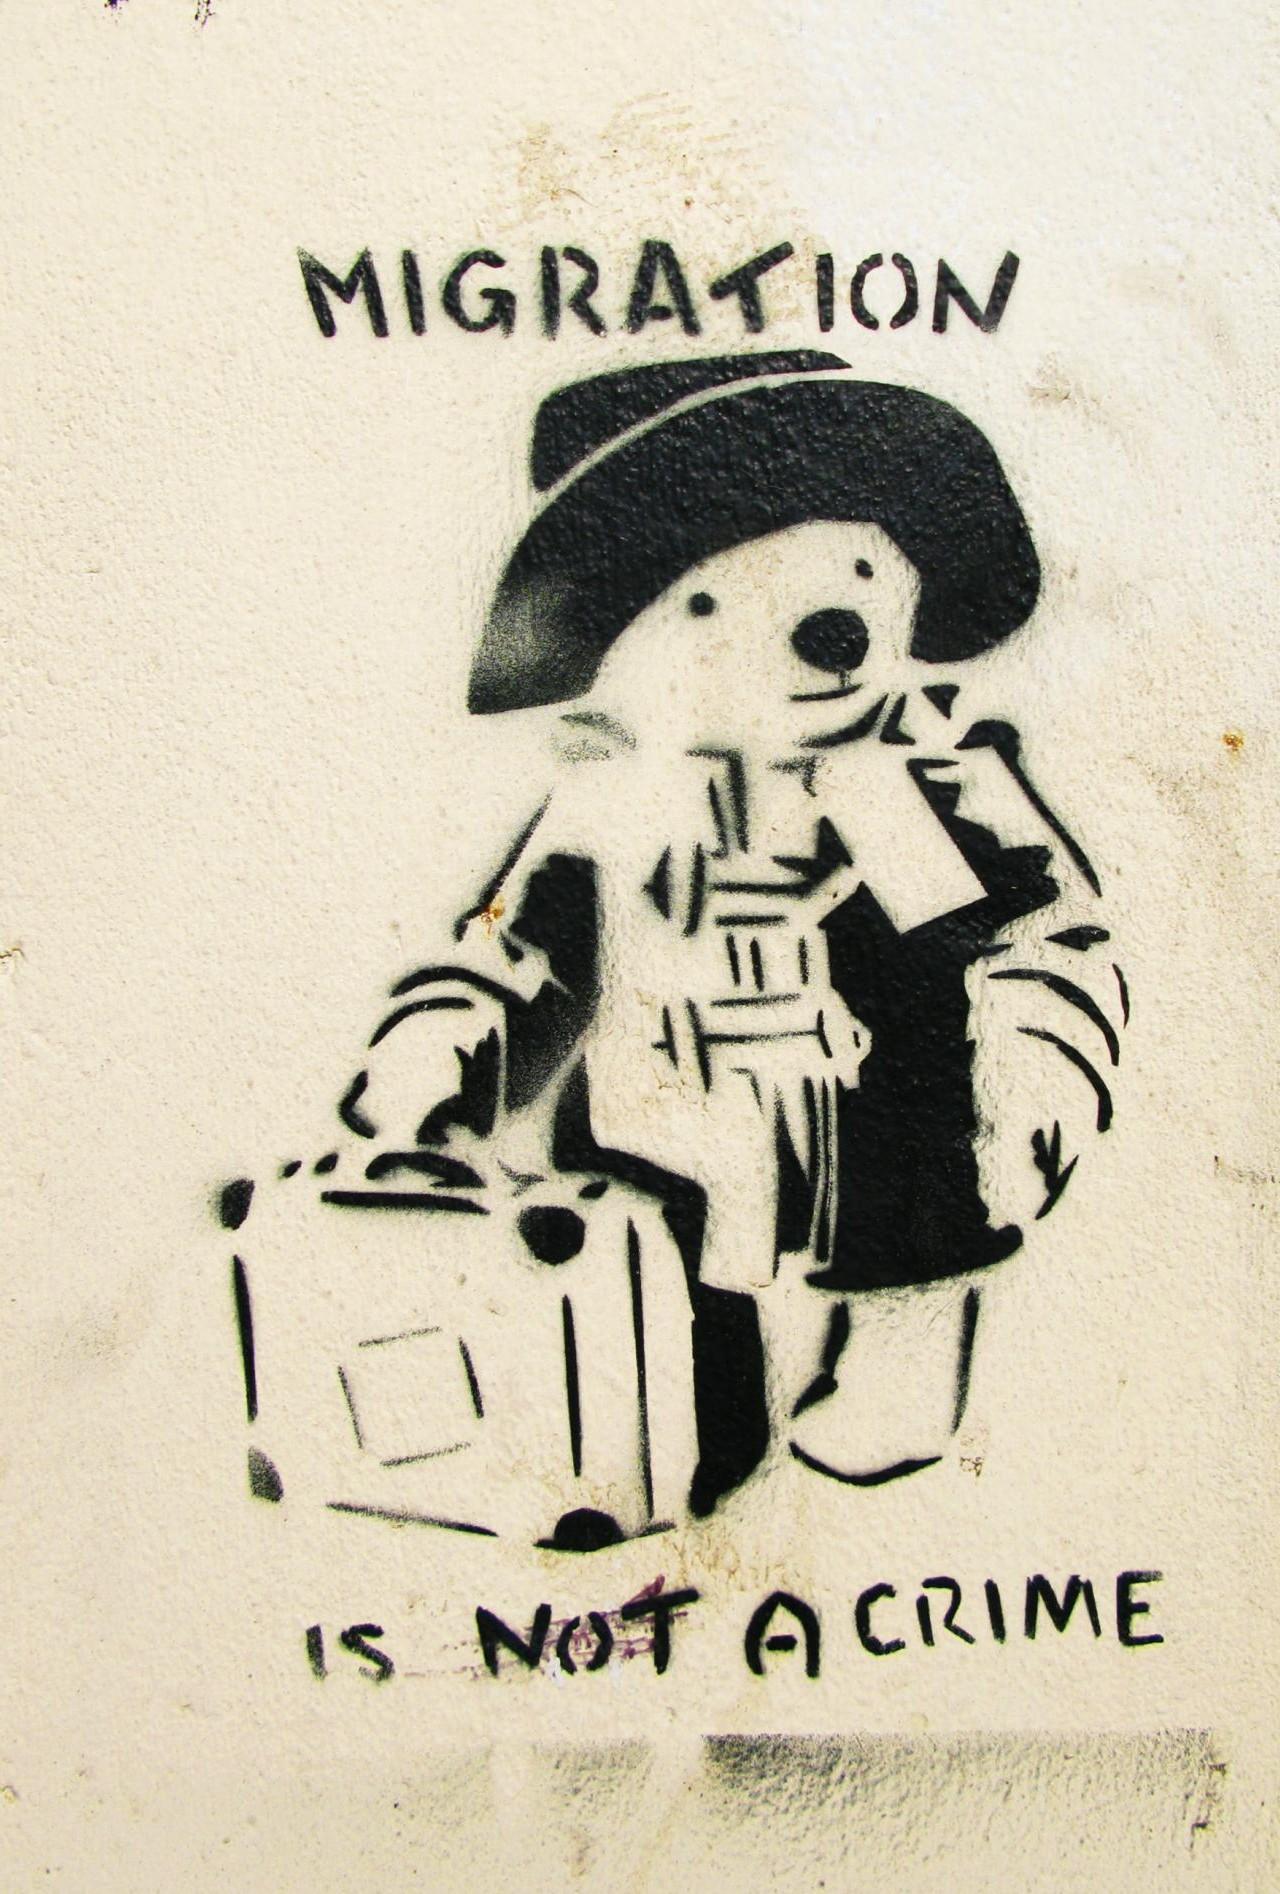 Pintada que denuncia la no criminalización de las migraciones.